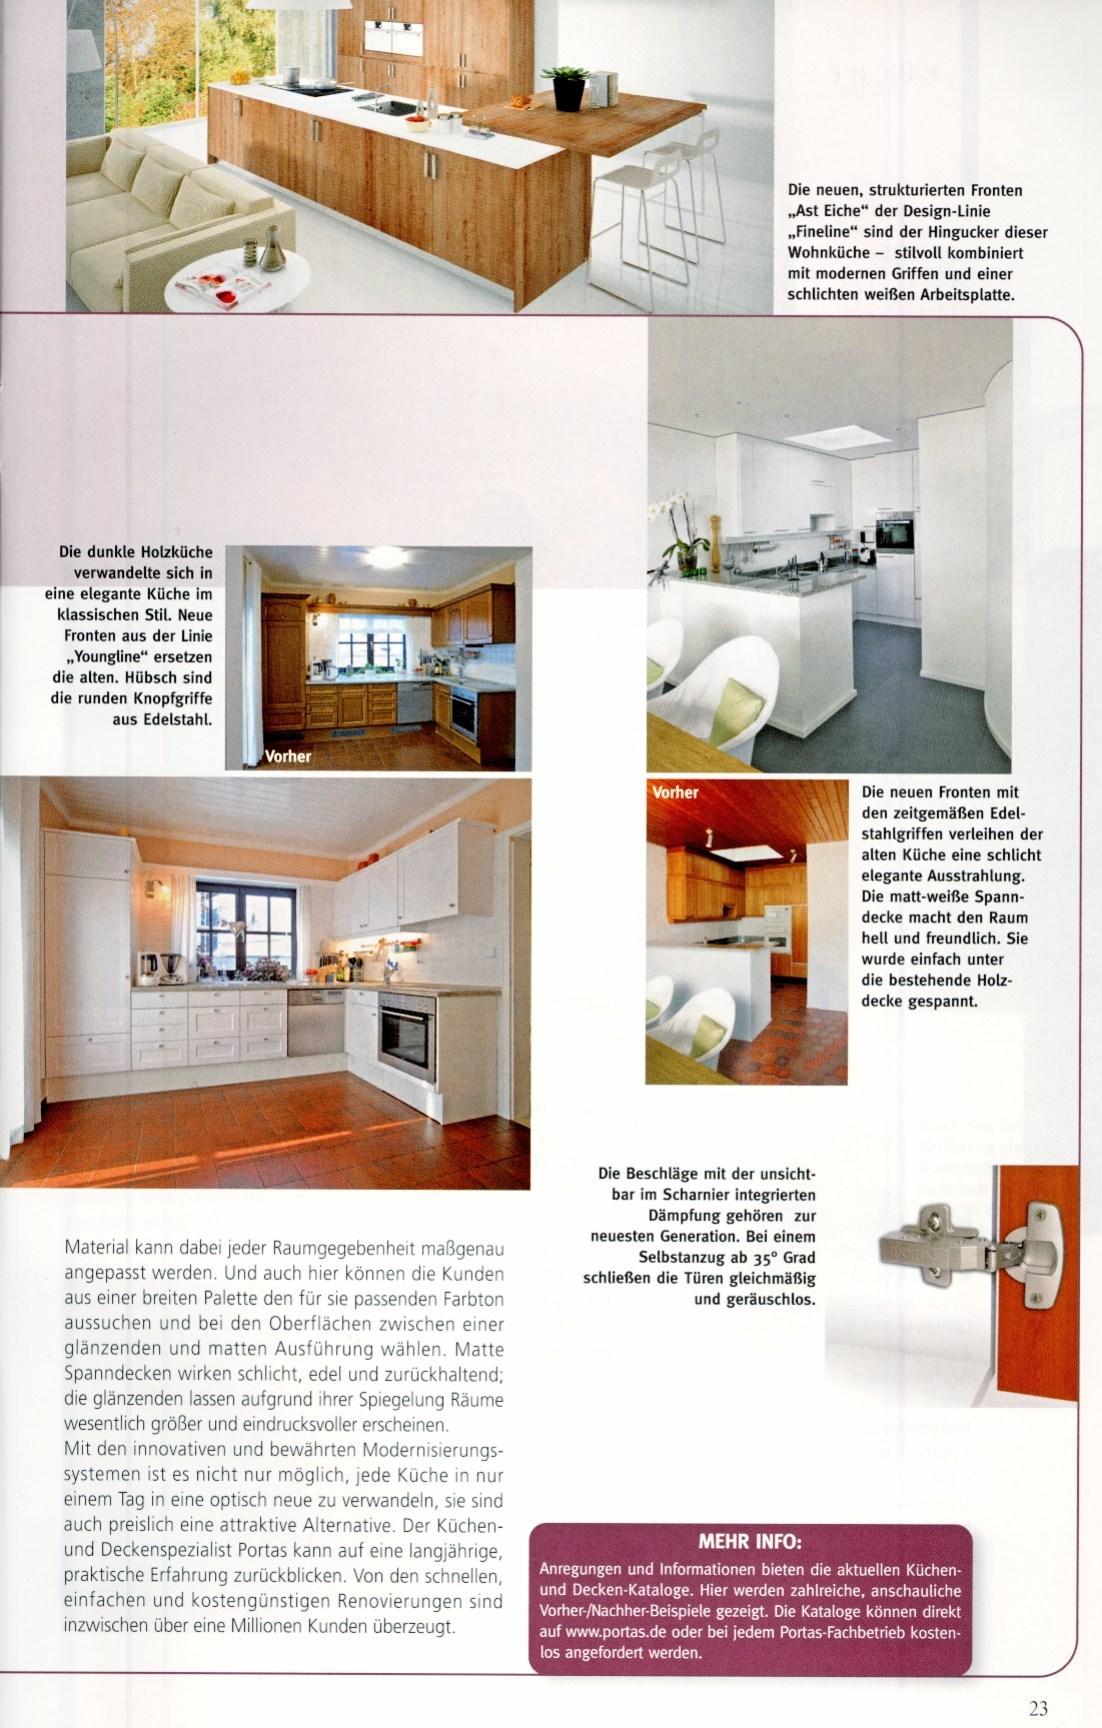 Fantastisch Europäische Küche Design 2014 Ideen - Ideen Für Die ...